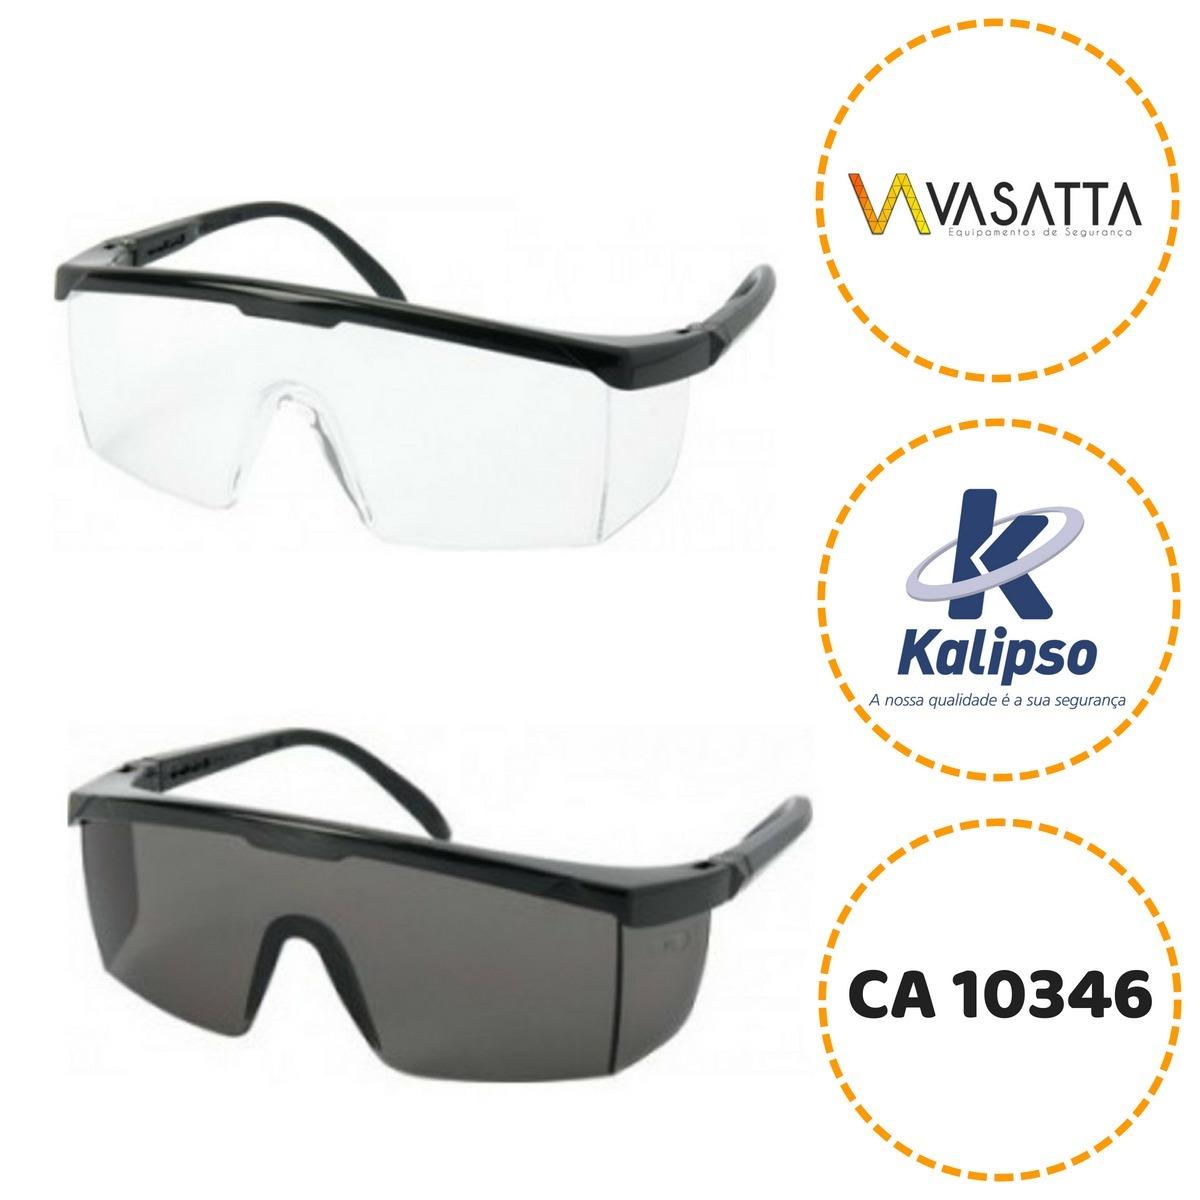 f16040541f7ee oculos de segurança proteção jaguar kalipso 12 unidades. Carregando zoom.